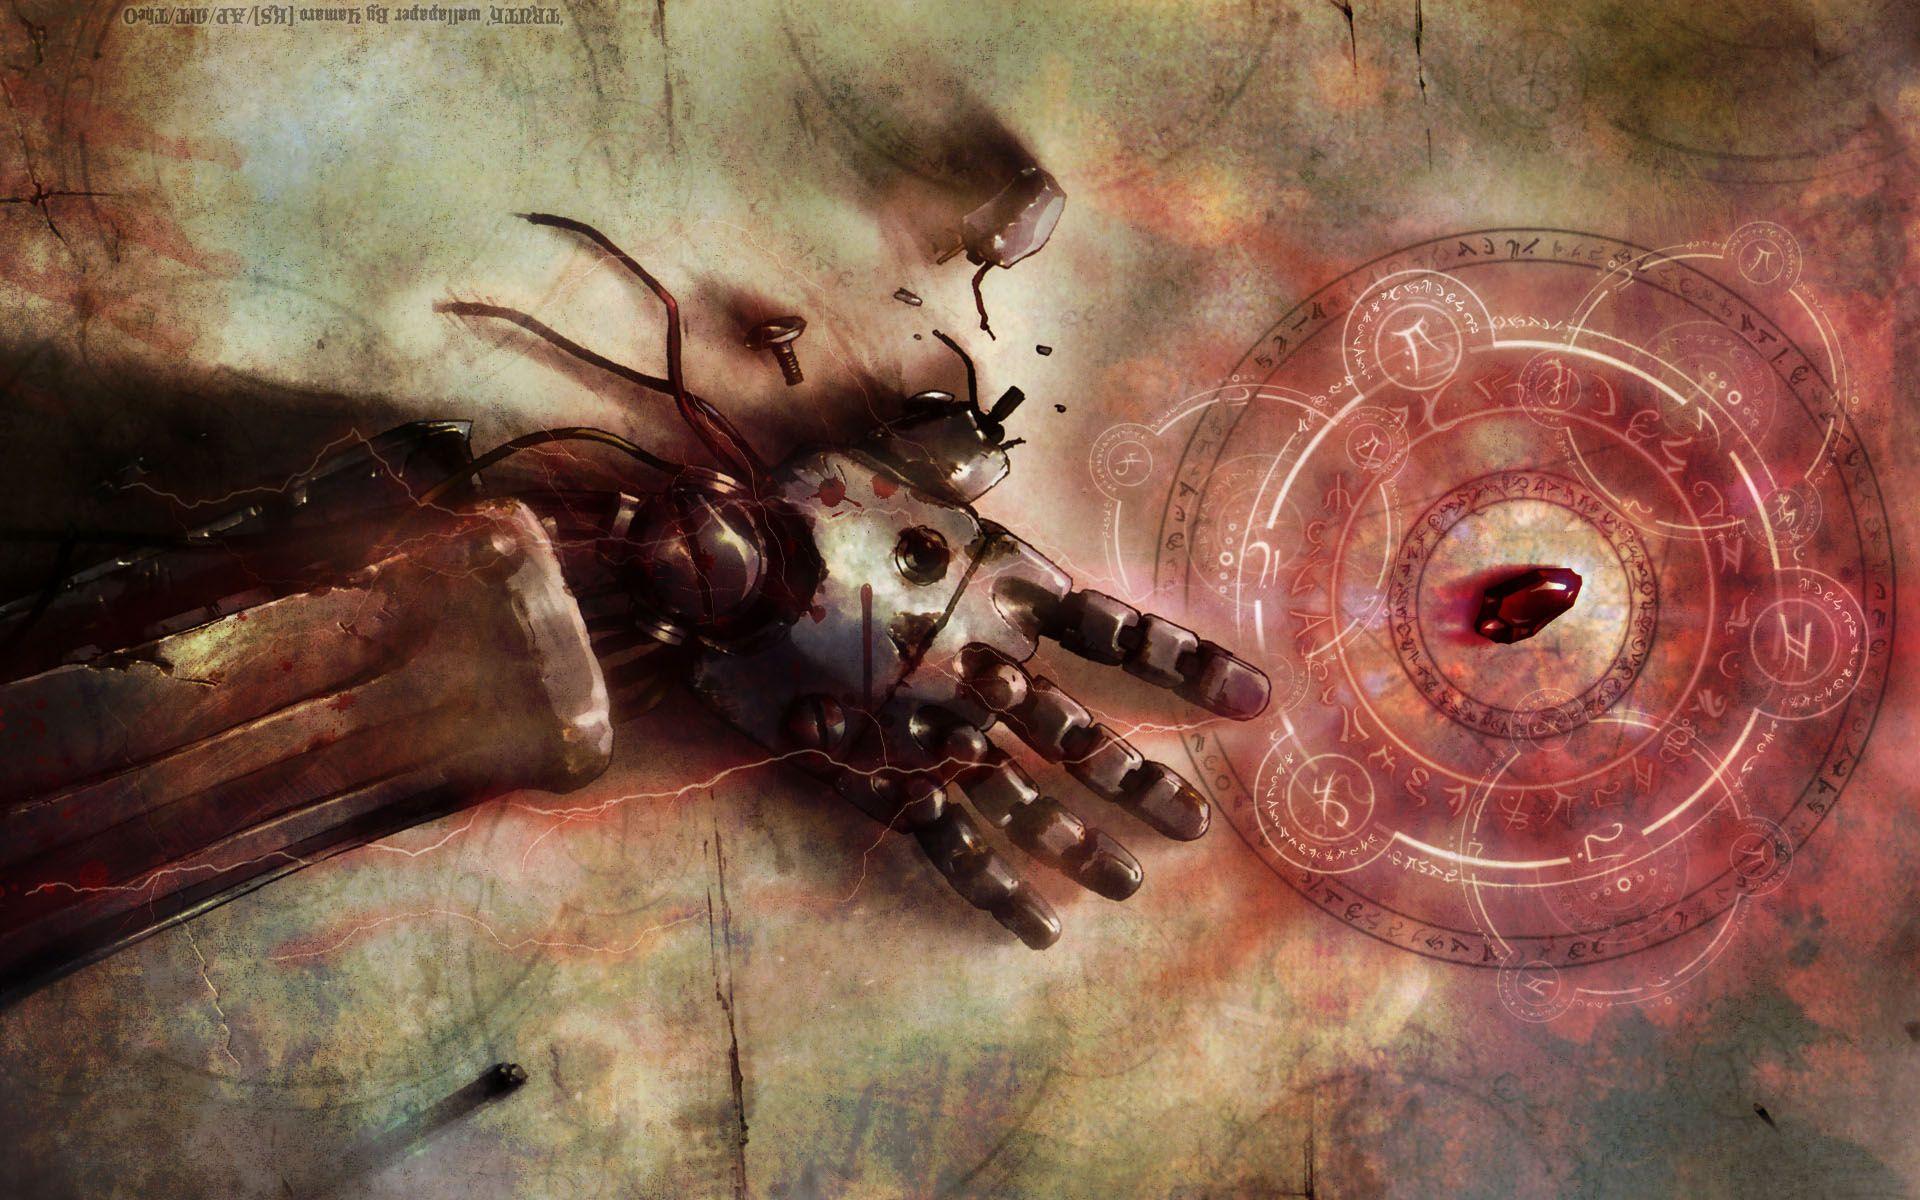 Fullmetal Alchemist Brotherhood Wallpaper Zerochan Anime Image 900 639 Fullmetal Alchemist Brot Fullmetal Alchemist Alchemist Fullmetal Alchemist Brotherhood